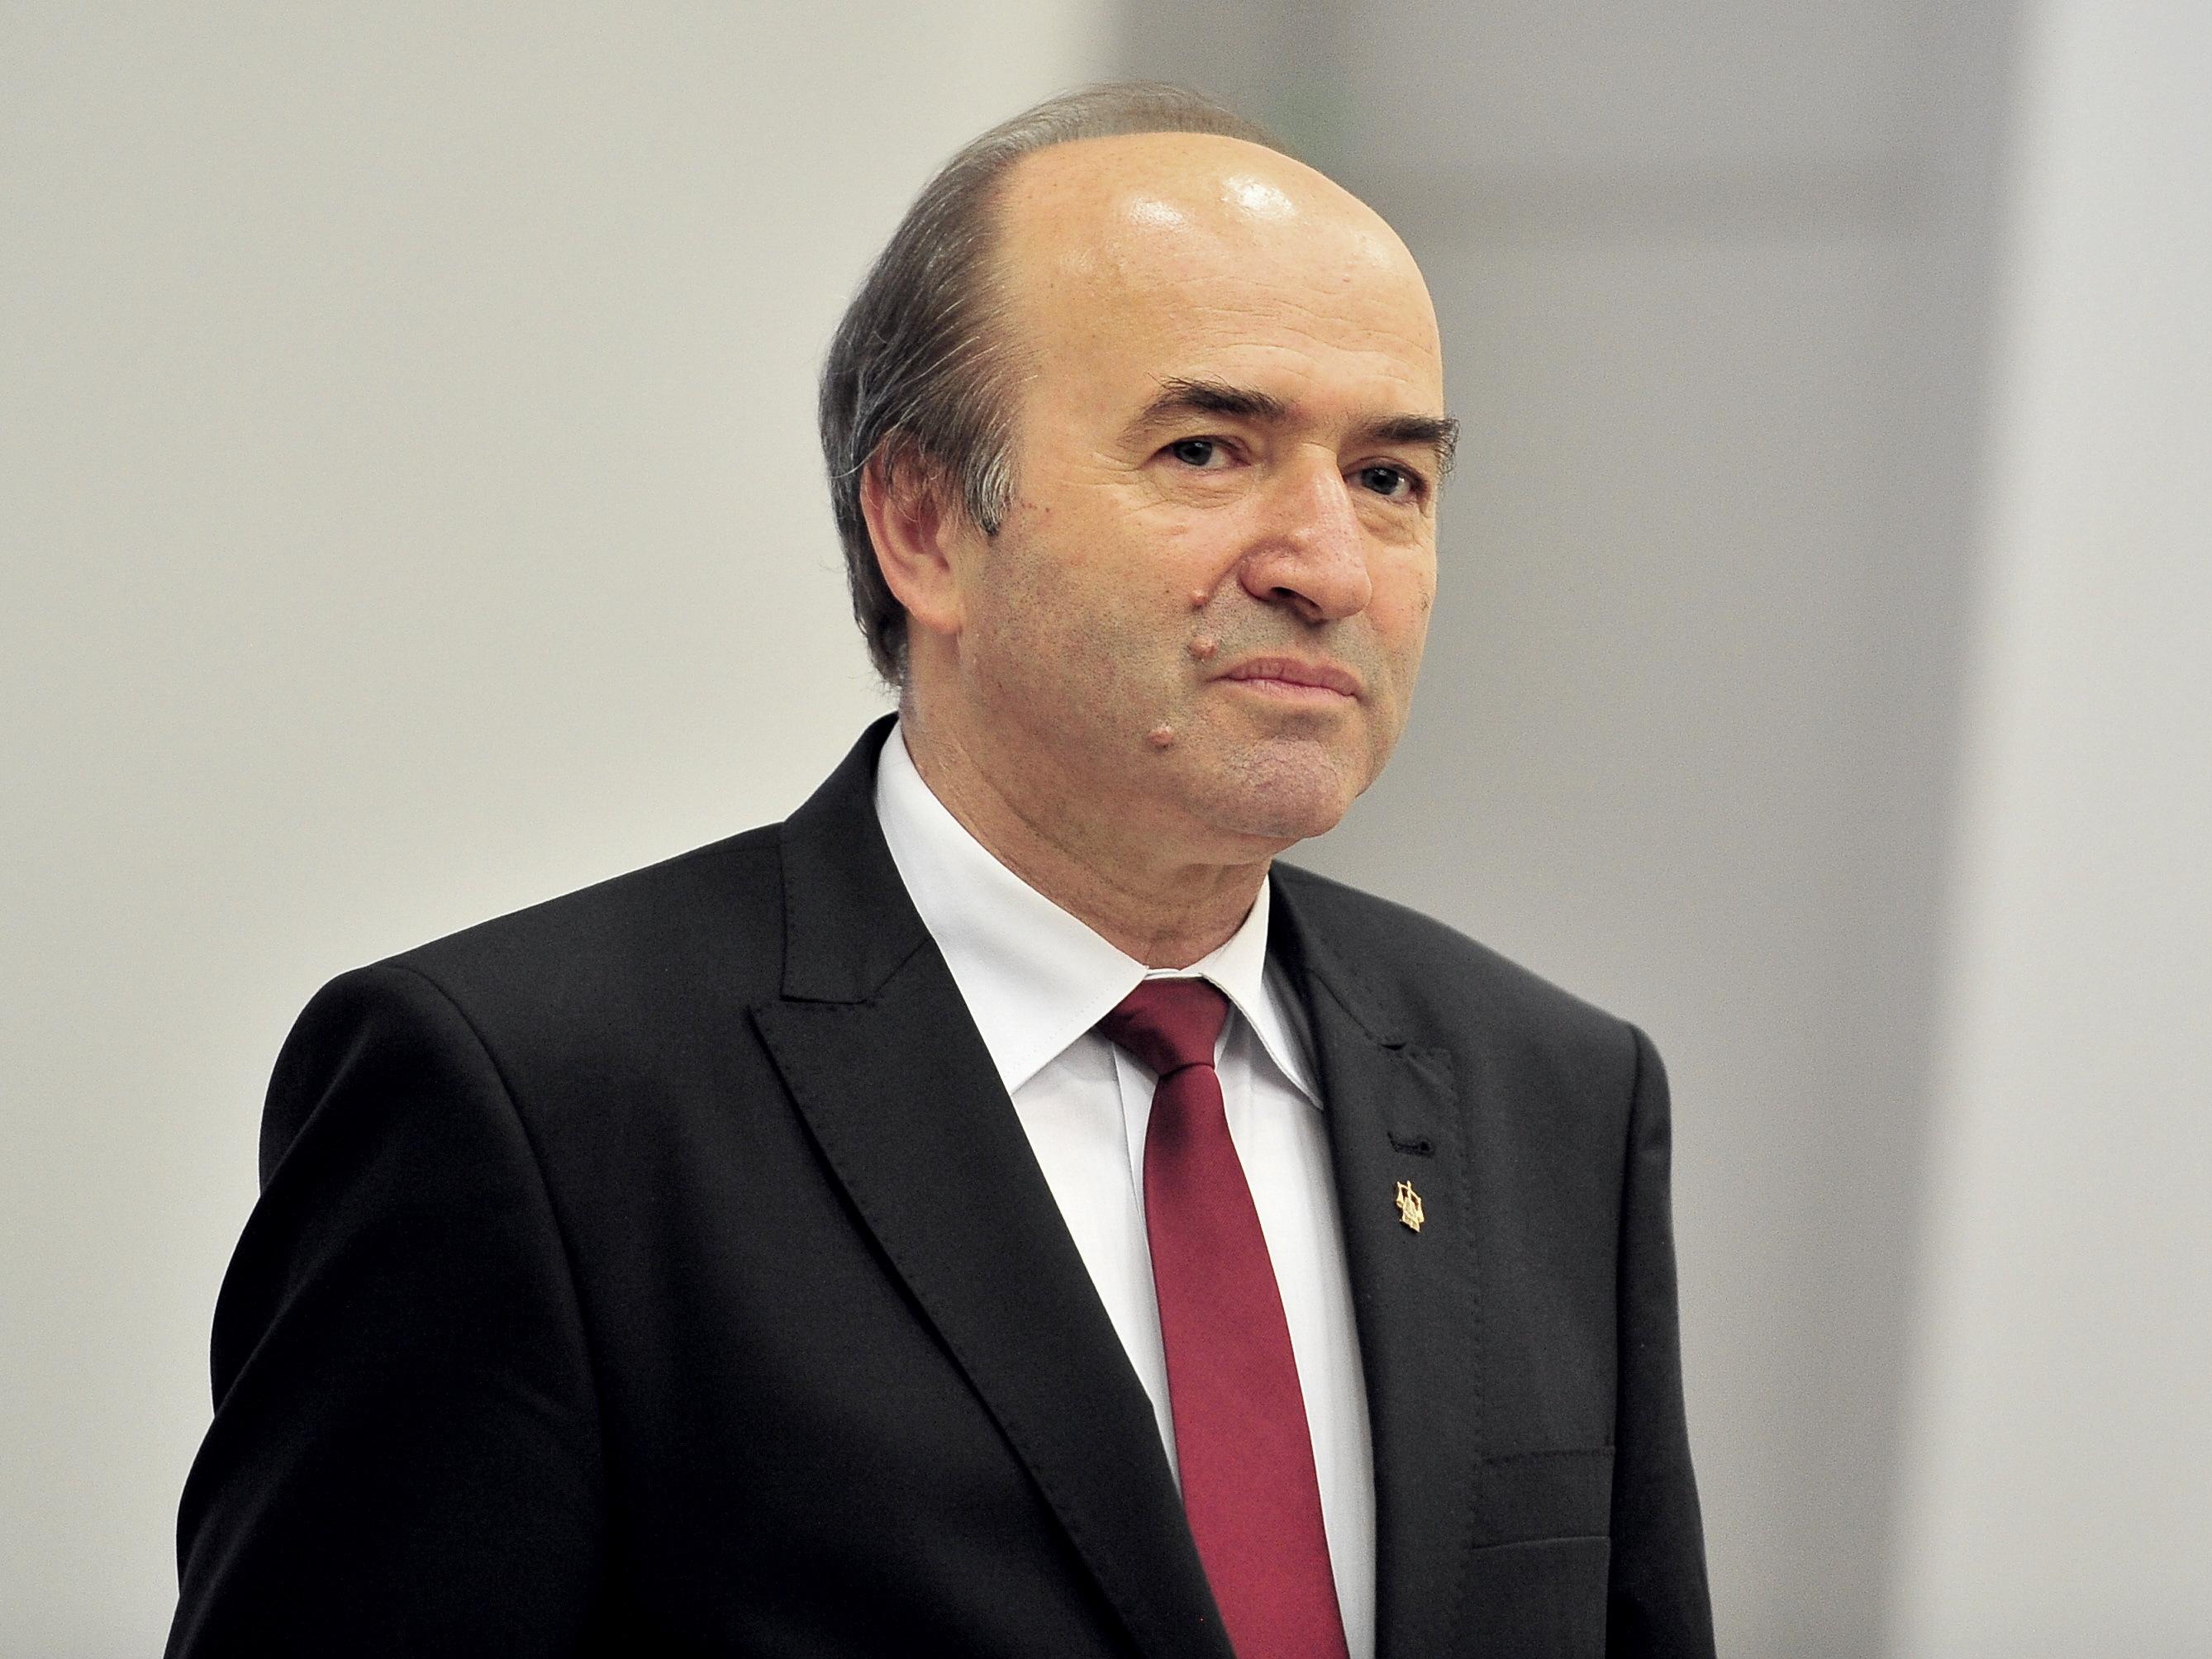 Toader: Nu l-am căutat niciodată pe preşedintele Iohannis, dar nu înseamnă că l-am evitat